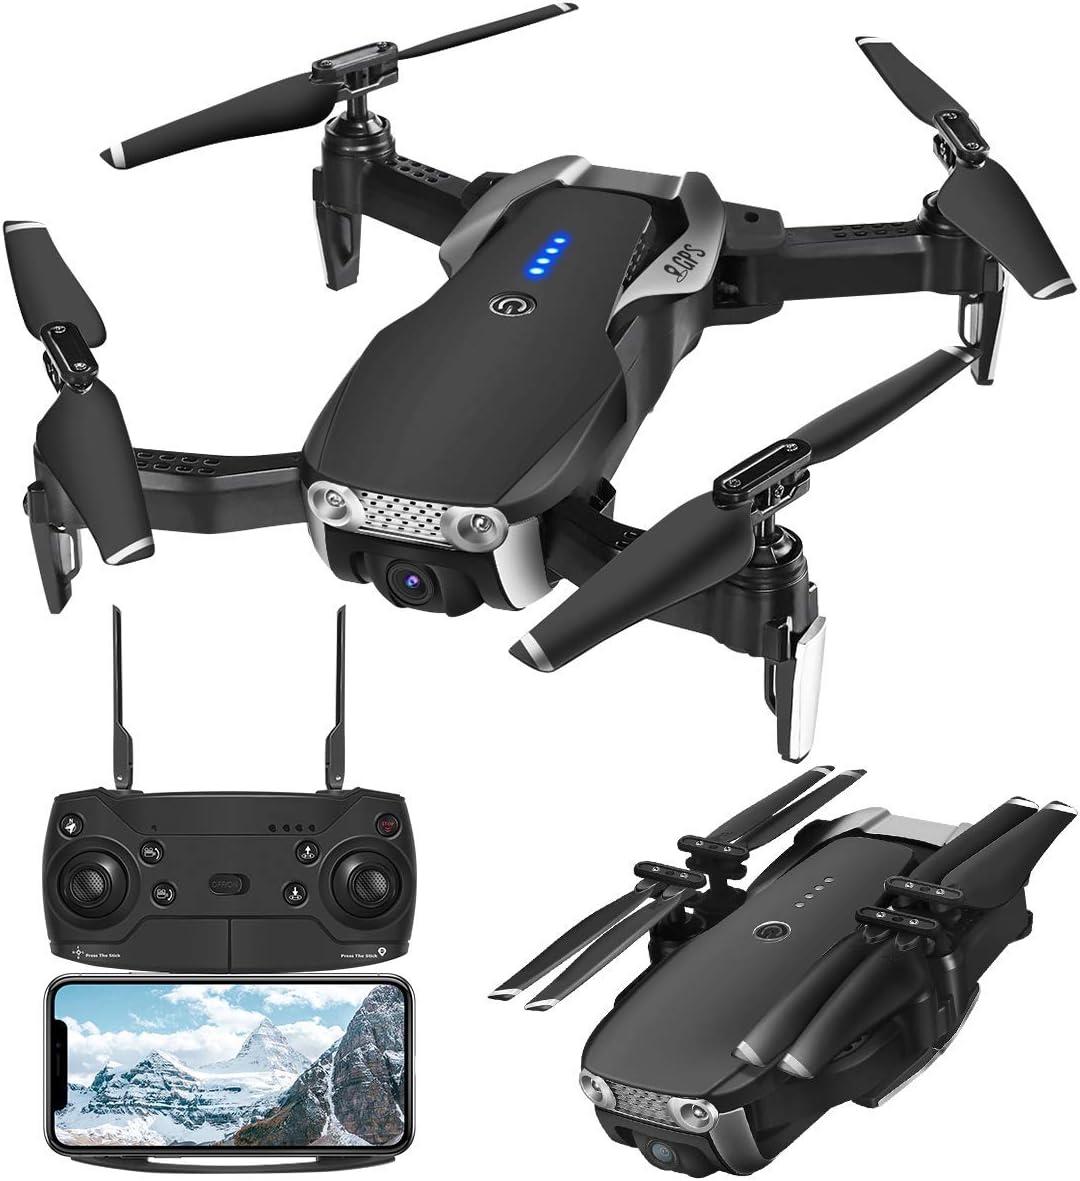 EACHINE E511S Drone GPS Telecamera HD 1080P Pieghevole Drone con WiFi FPV...